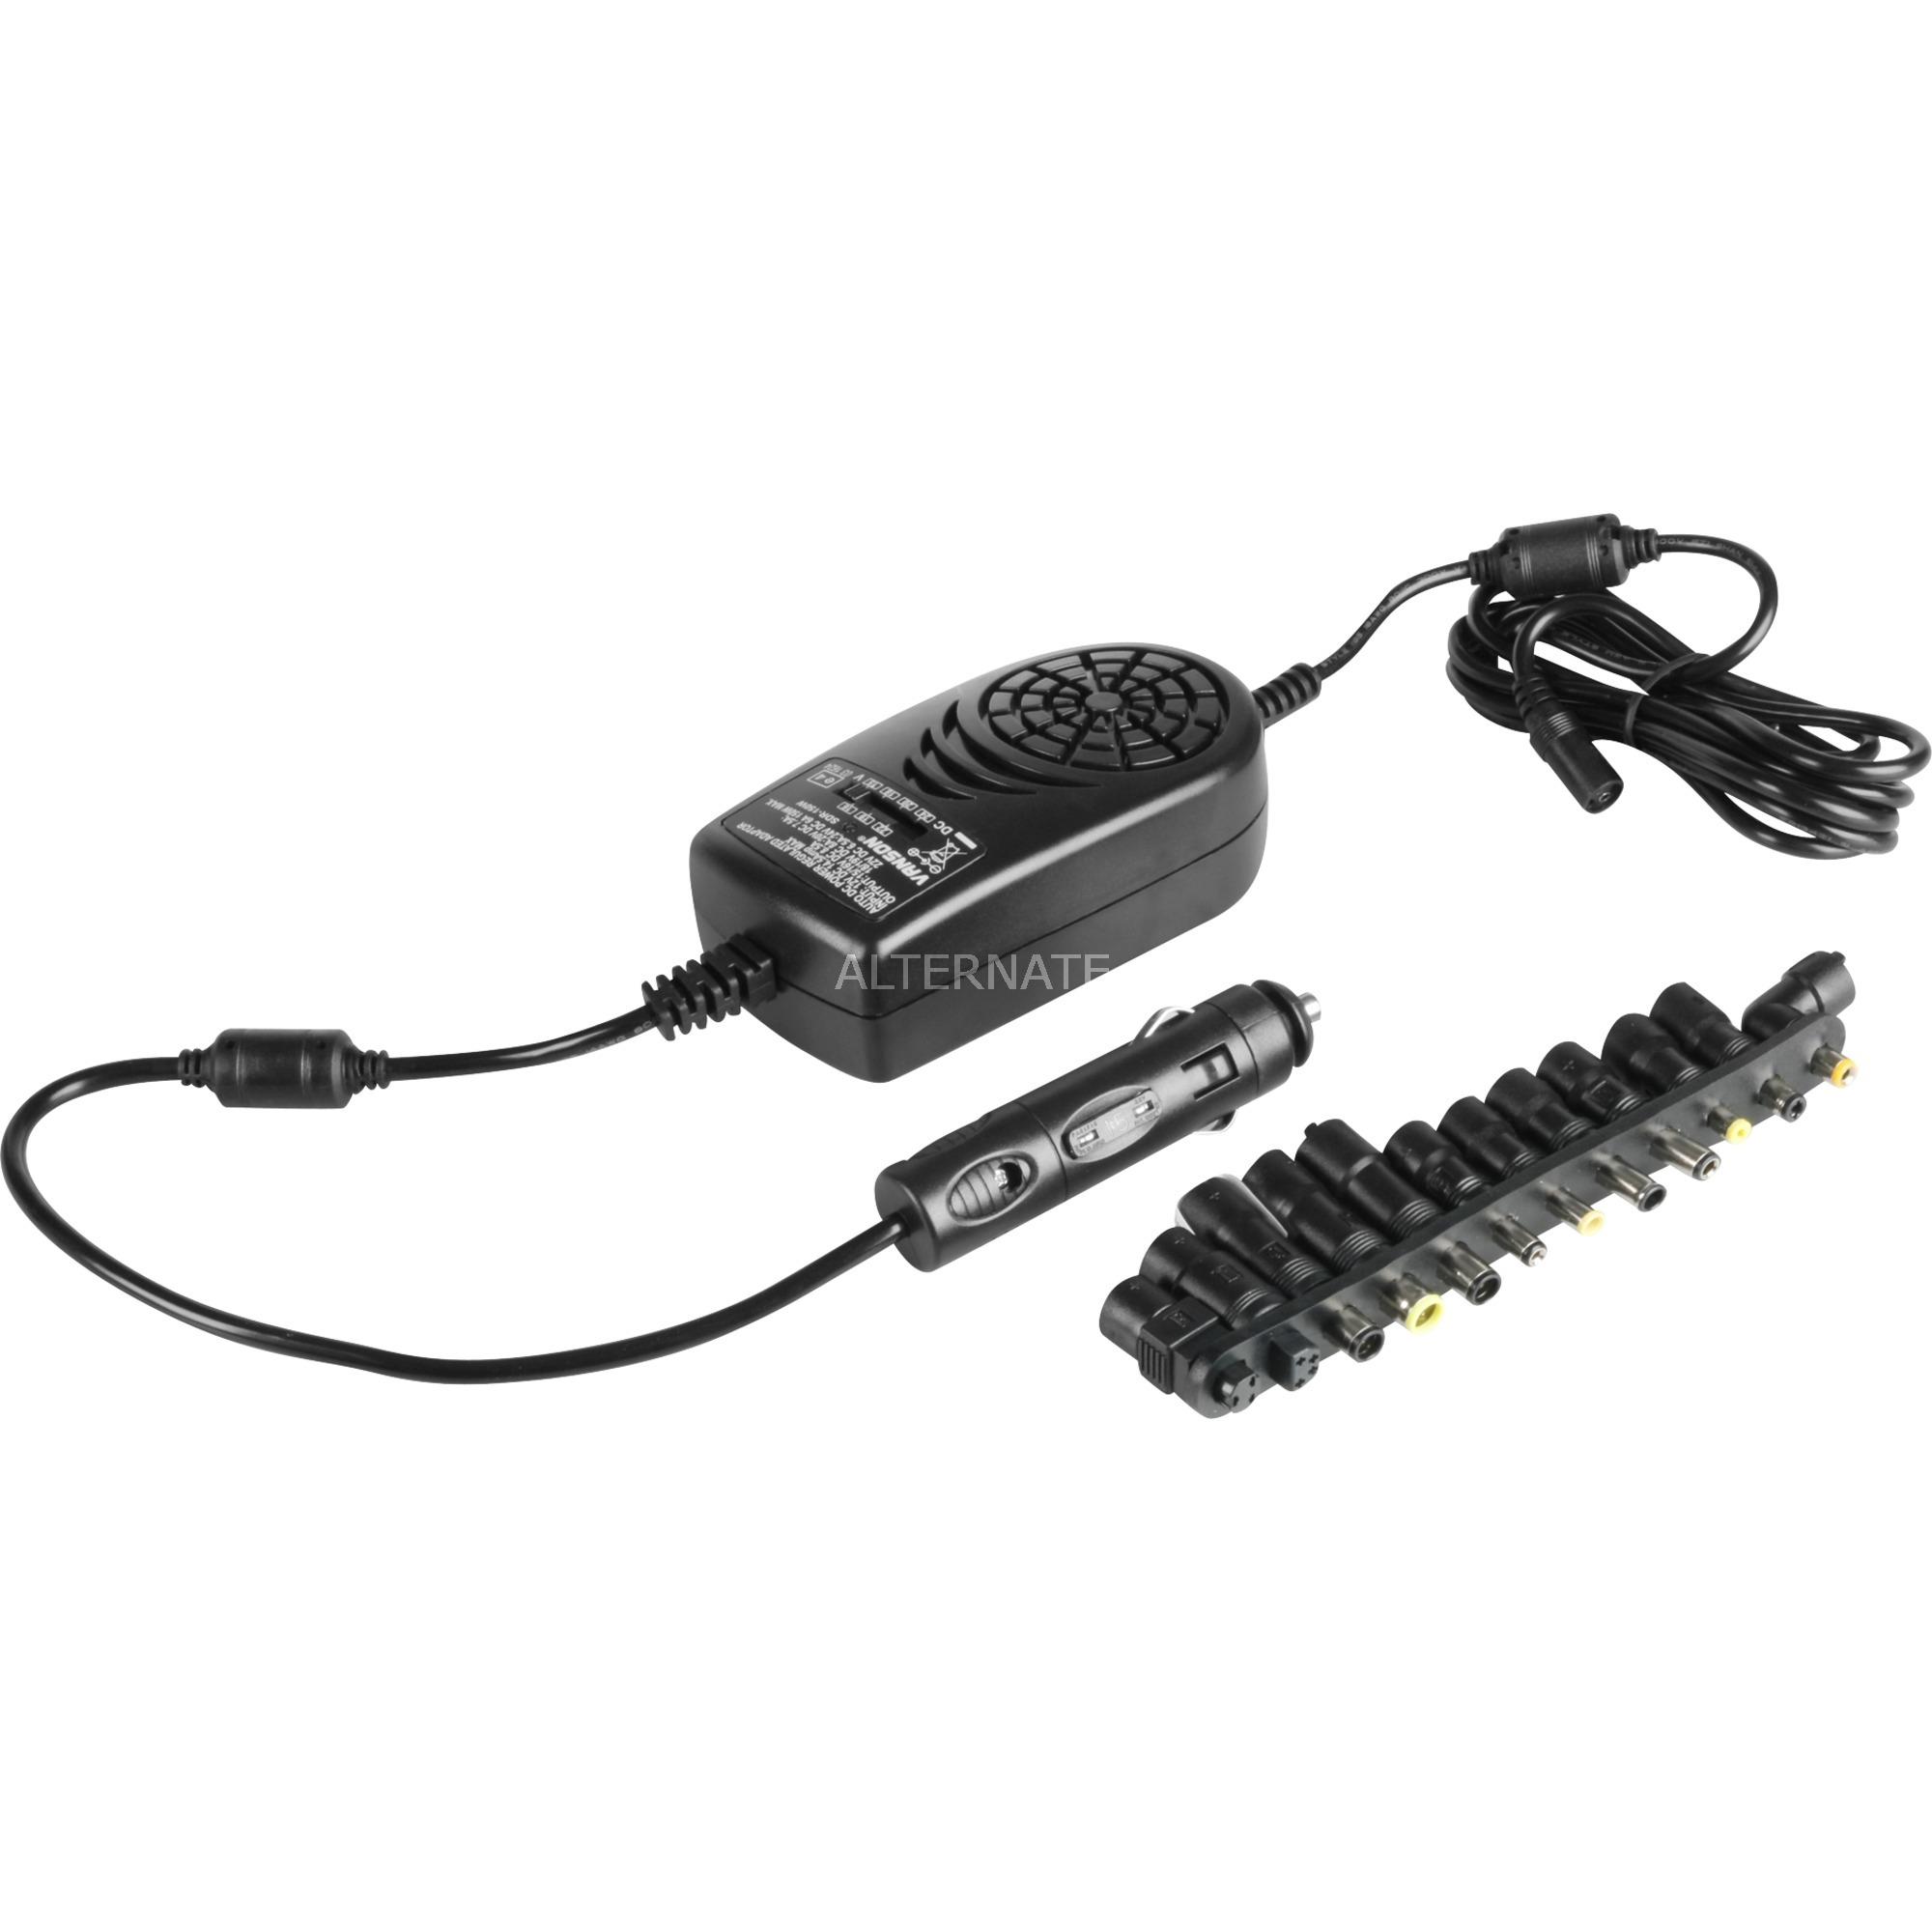 54747 adaptador e inversor de corriente auto 150 W Negro, Fuente de alimentación